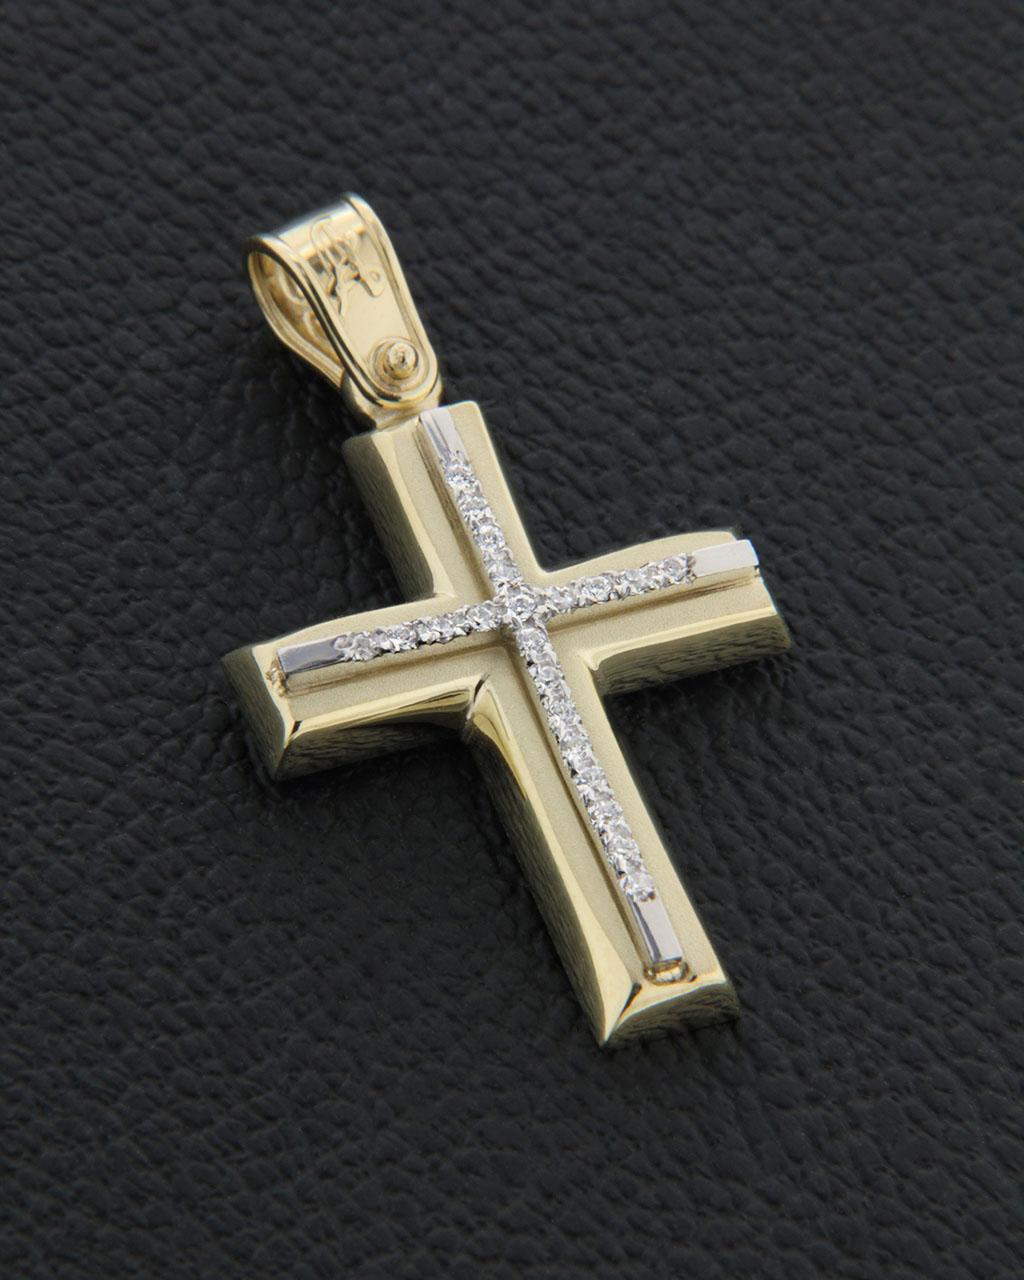 Σταυρός βάπτισης χρυσός & λευκόχρυσος Κ14 με Ζιργκόν   γυναικα σταυροί σταυροί χρυσοί